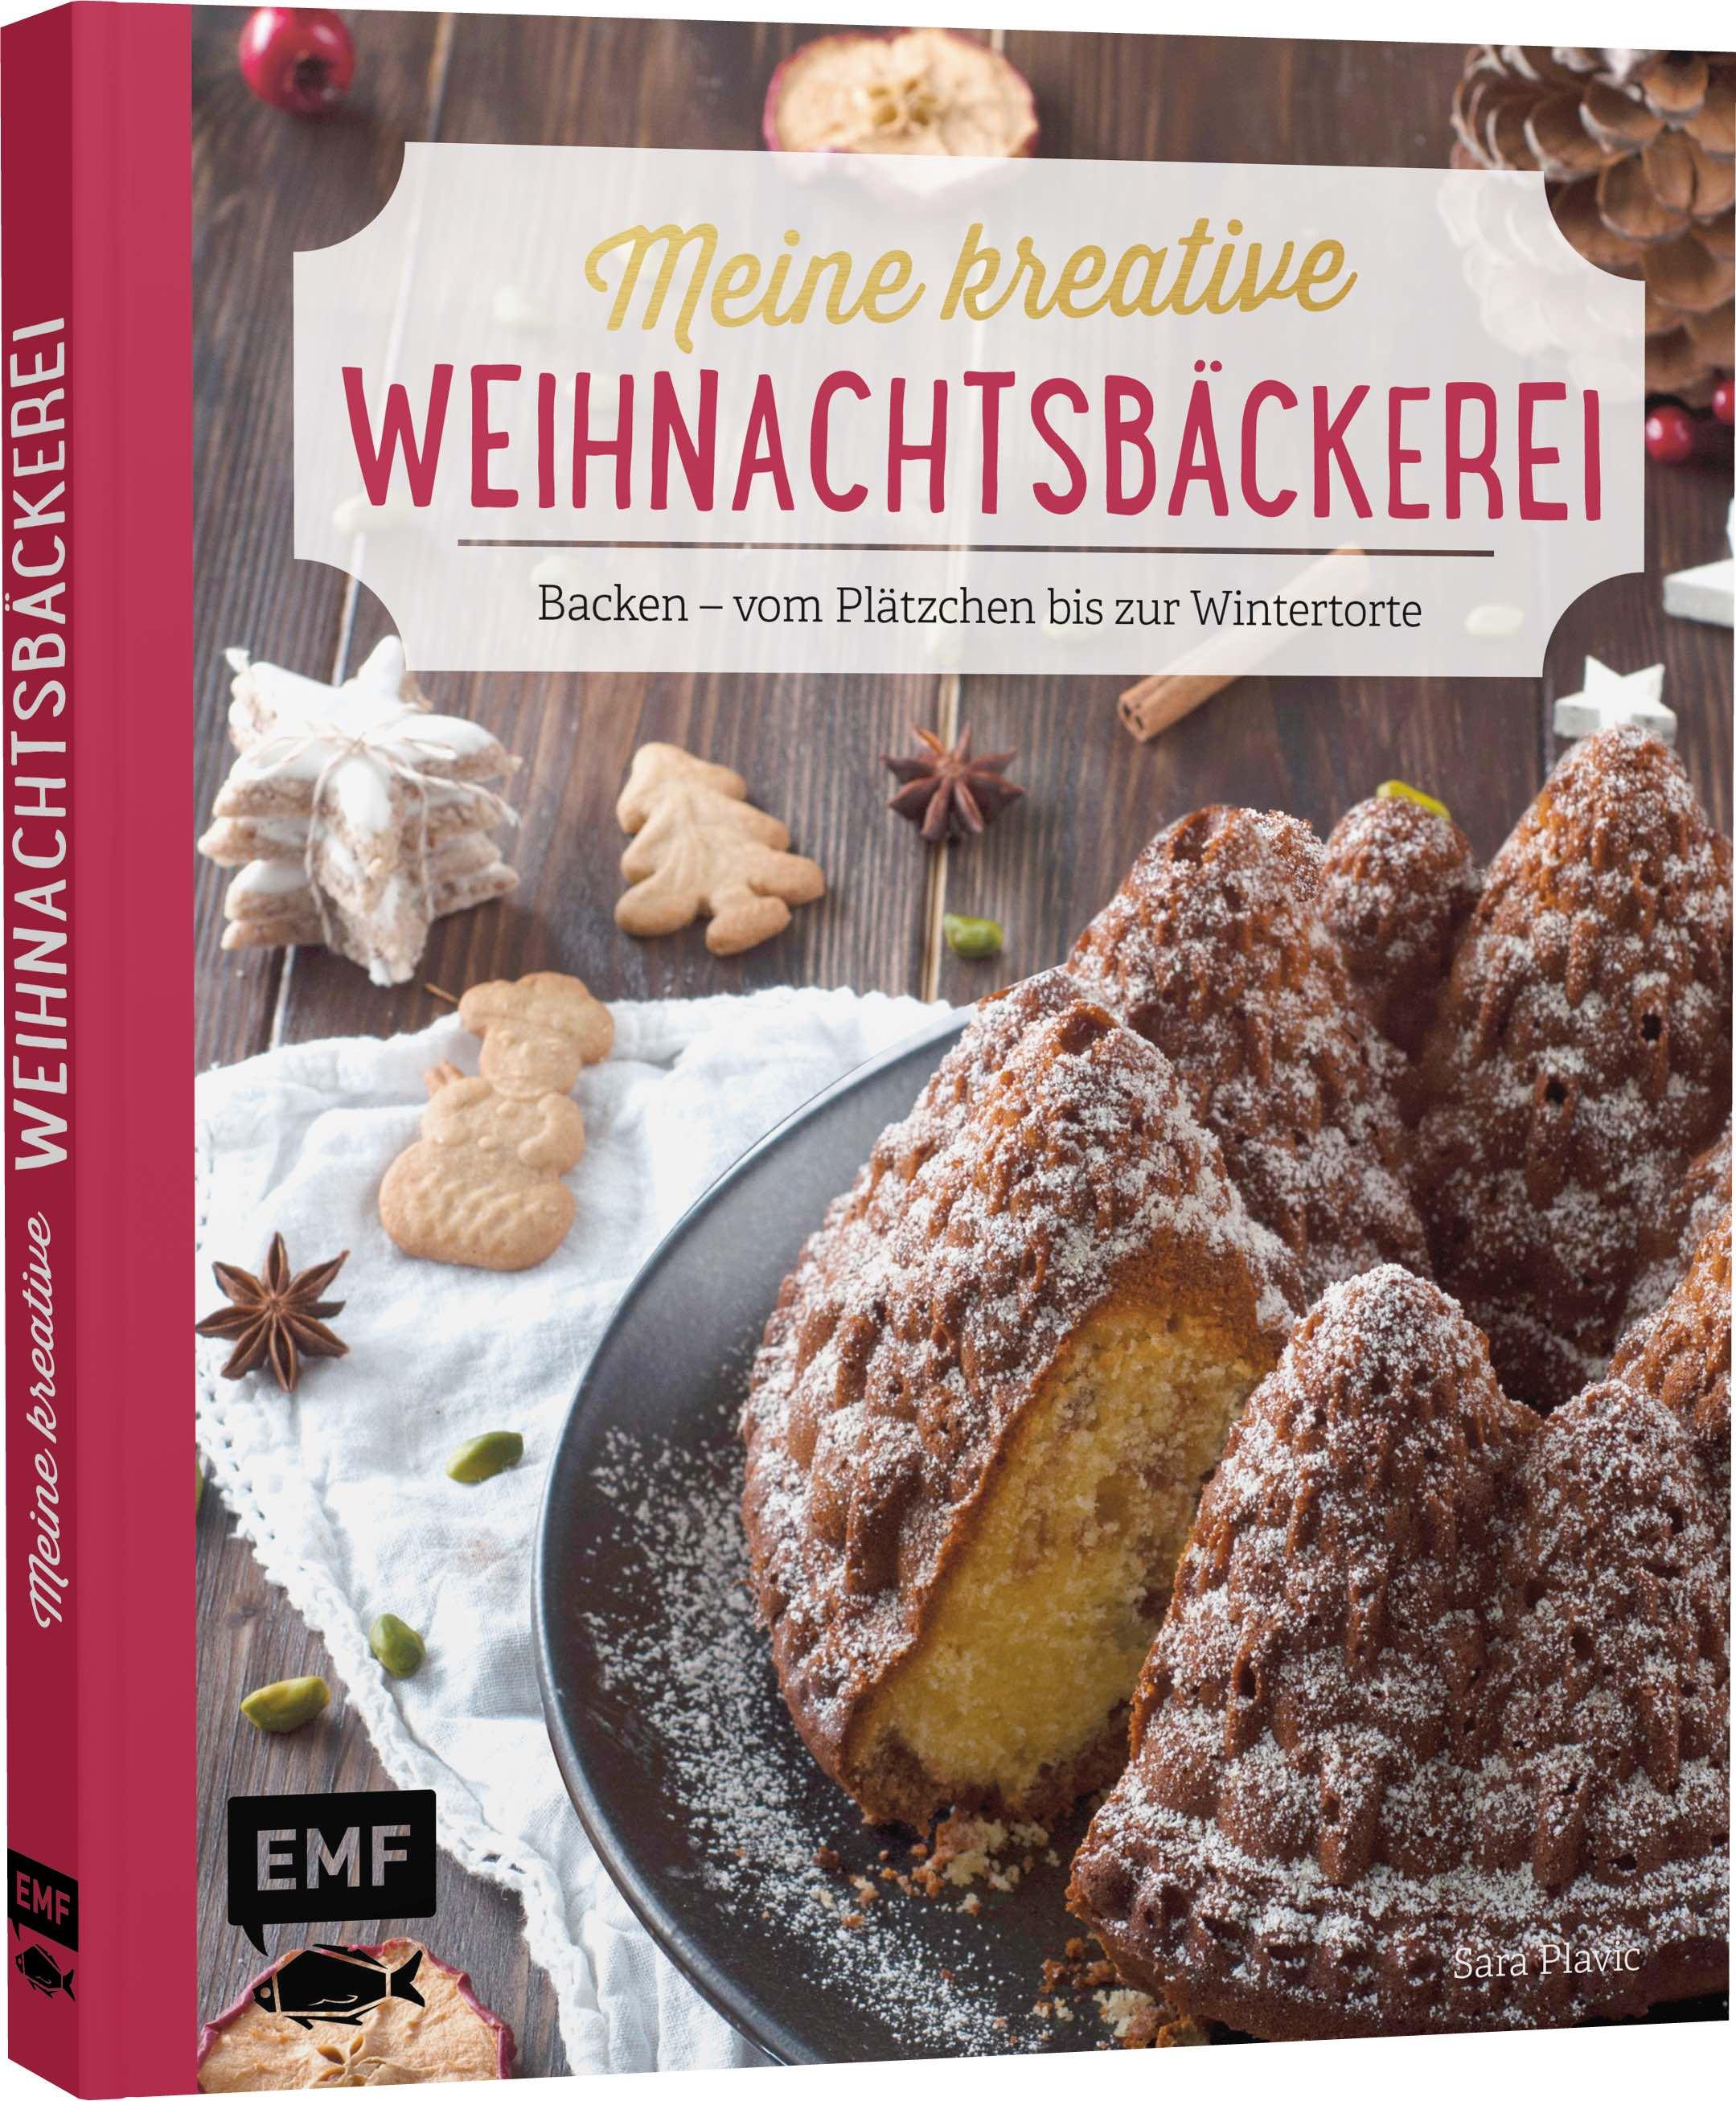 Weihnachtsbäckerei-20x23,5-96-hard Kopie